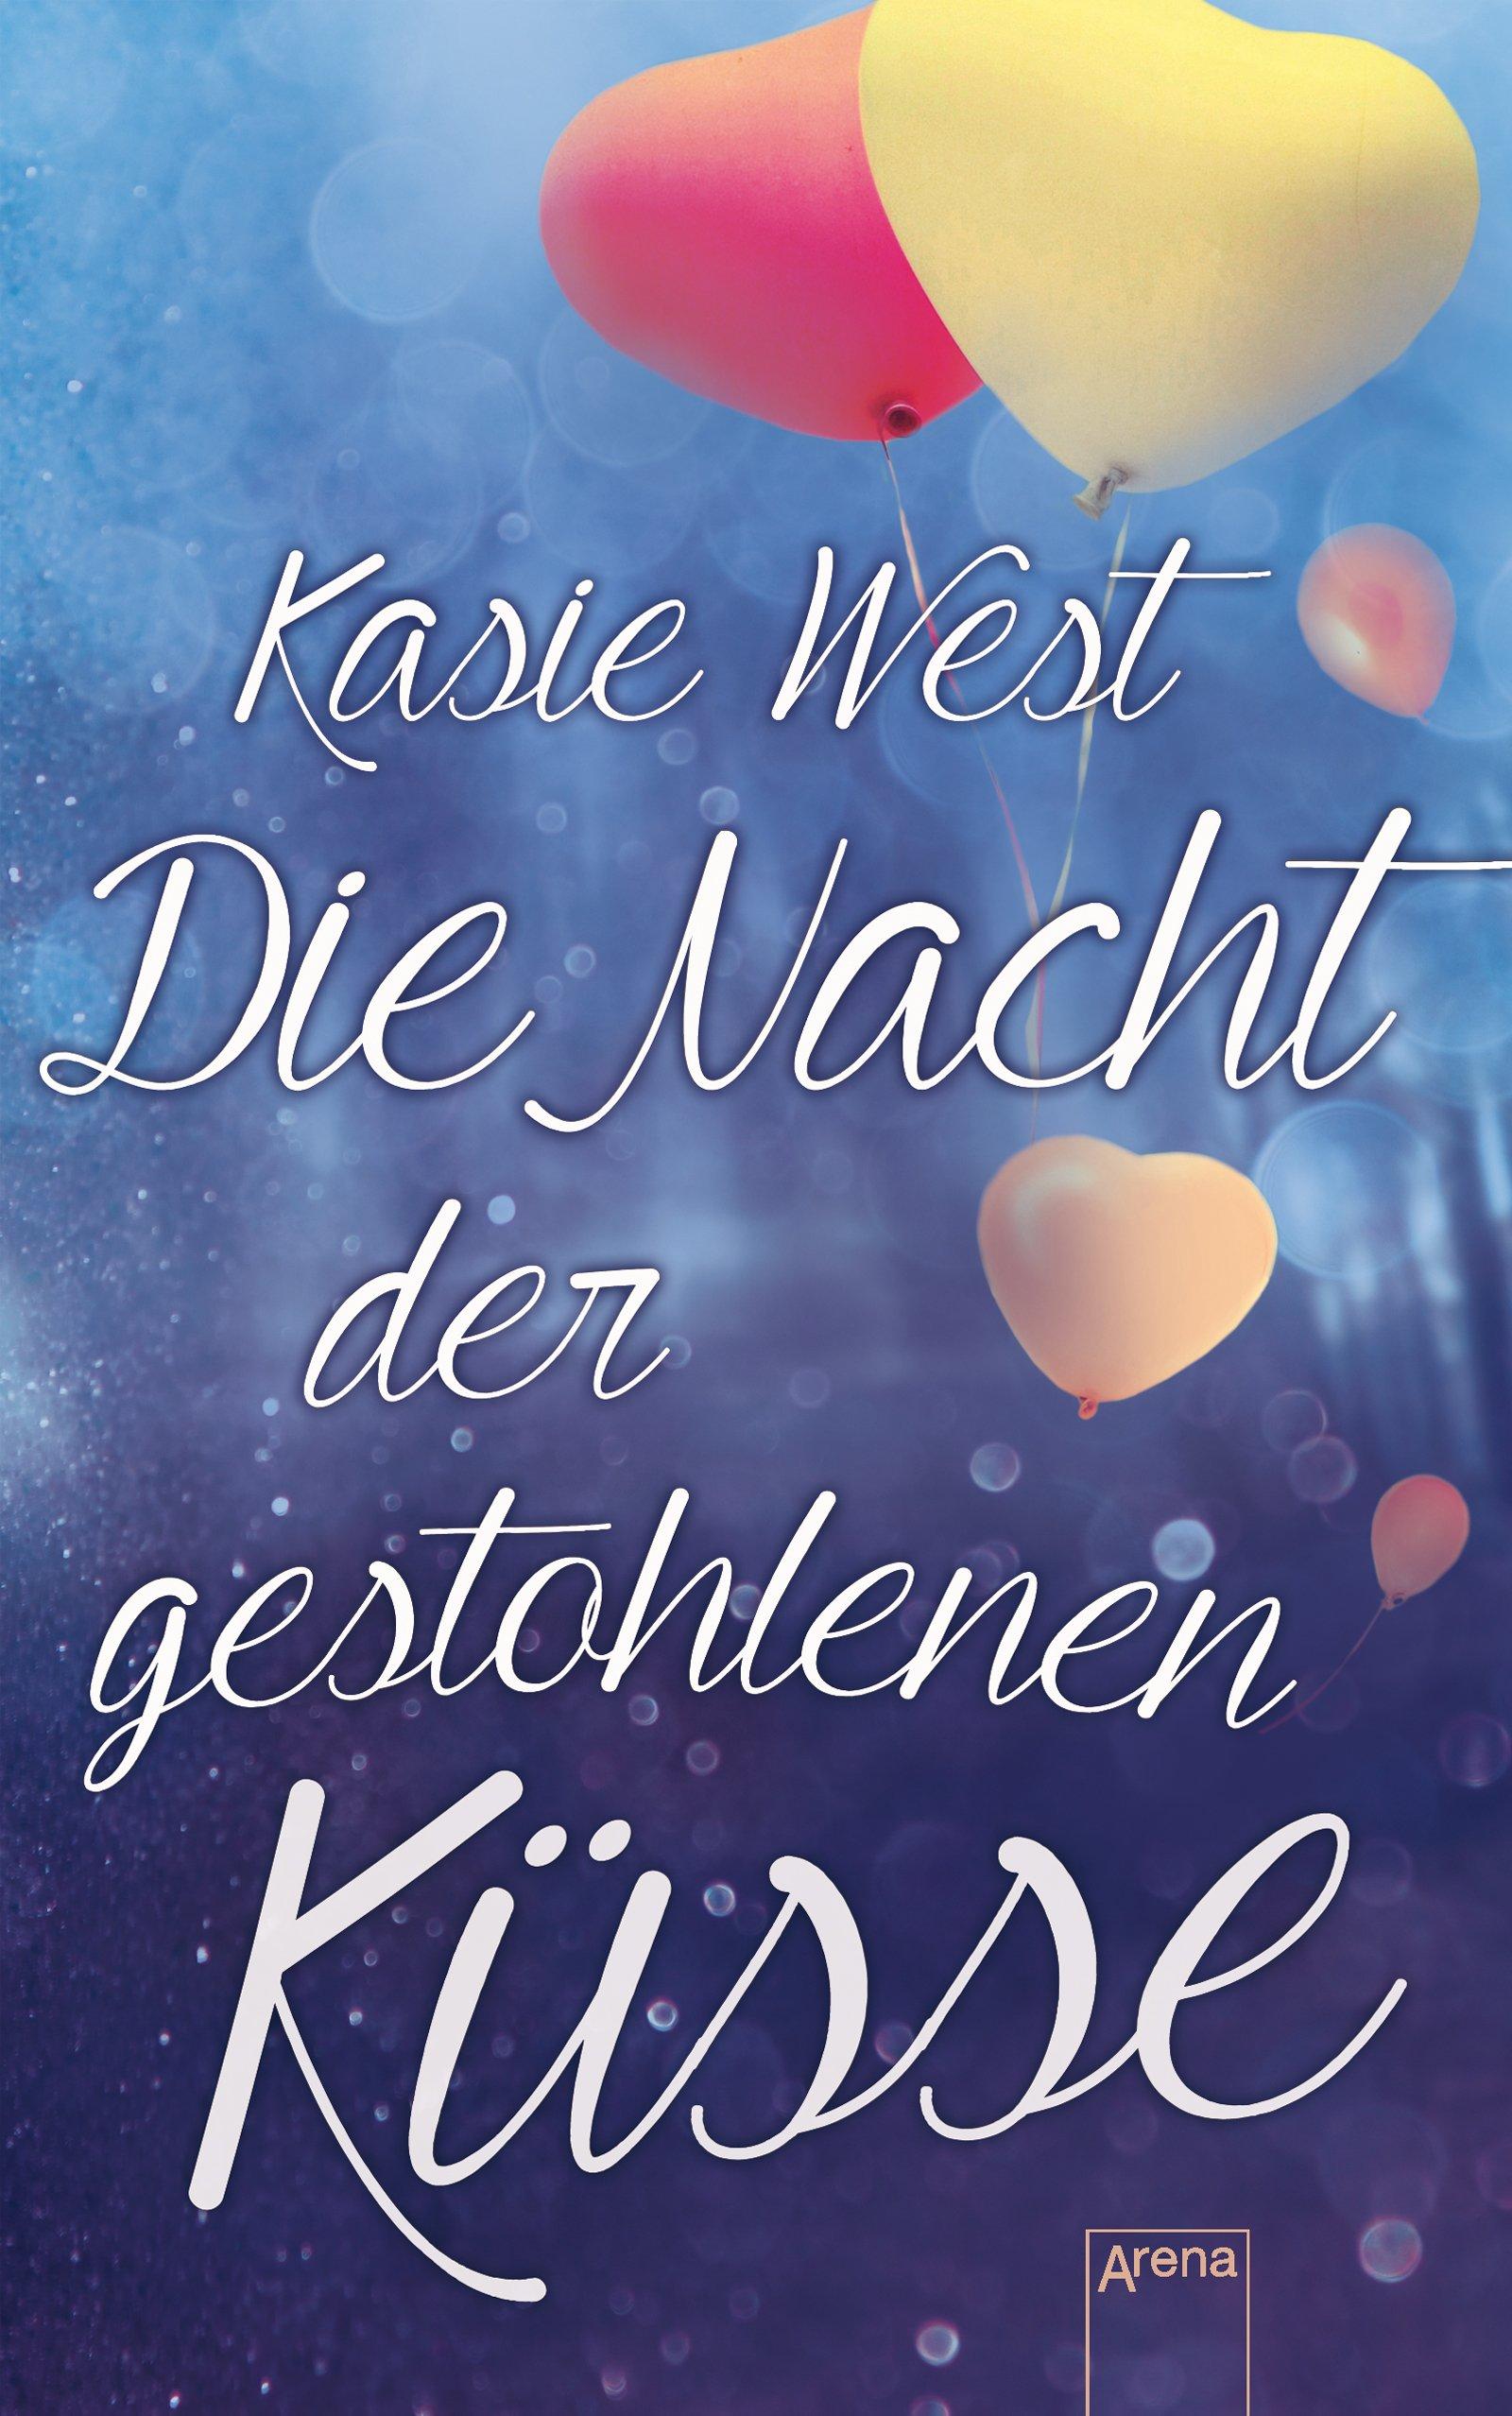 Neuerscheinungen 2015 - Die Nacht der gestohlenen Küsse - Pandastic Books - Blog